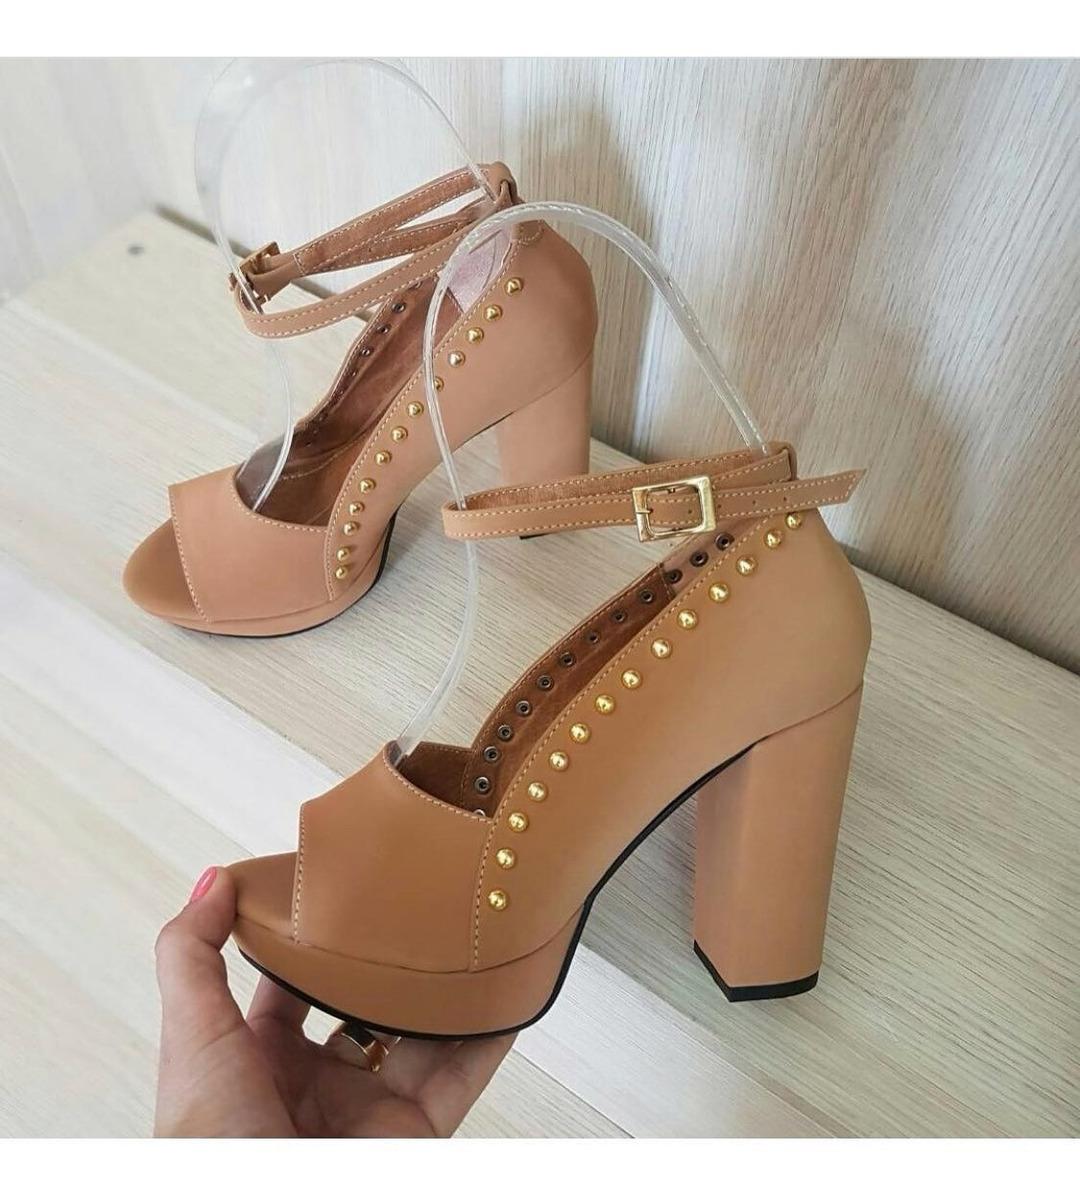 c5f38b50 zapatos de tacón miel mujeres los mejores estilos de zapato. Cargando zoom.